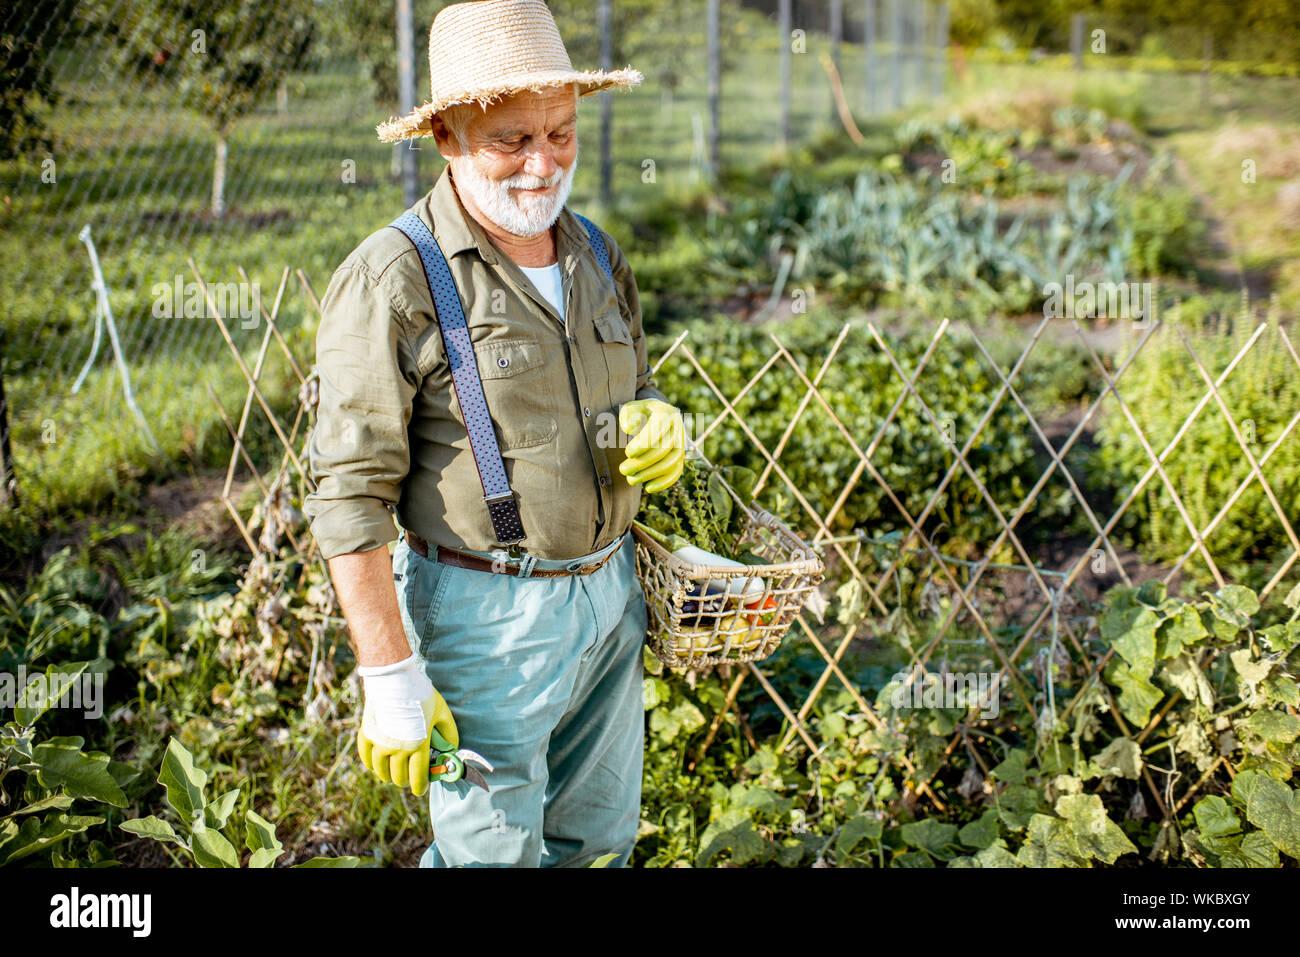 Retrato de un anciano bien vestido agrónomo recién recogido de verduras en el jardín al aire libre. Concepto de creciente de productos orgánicos y de jubilación activa Foto de stock